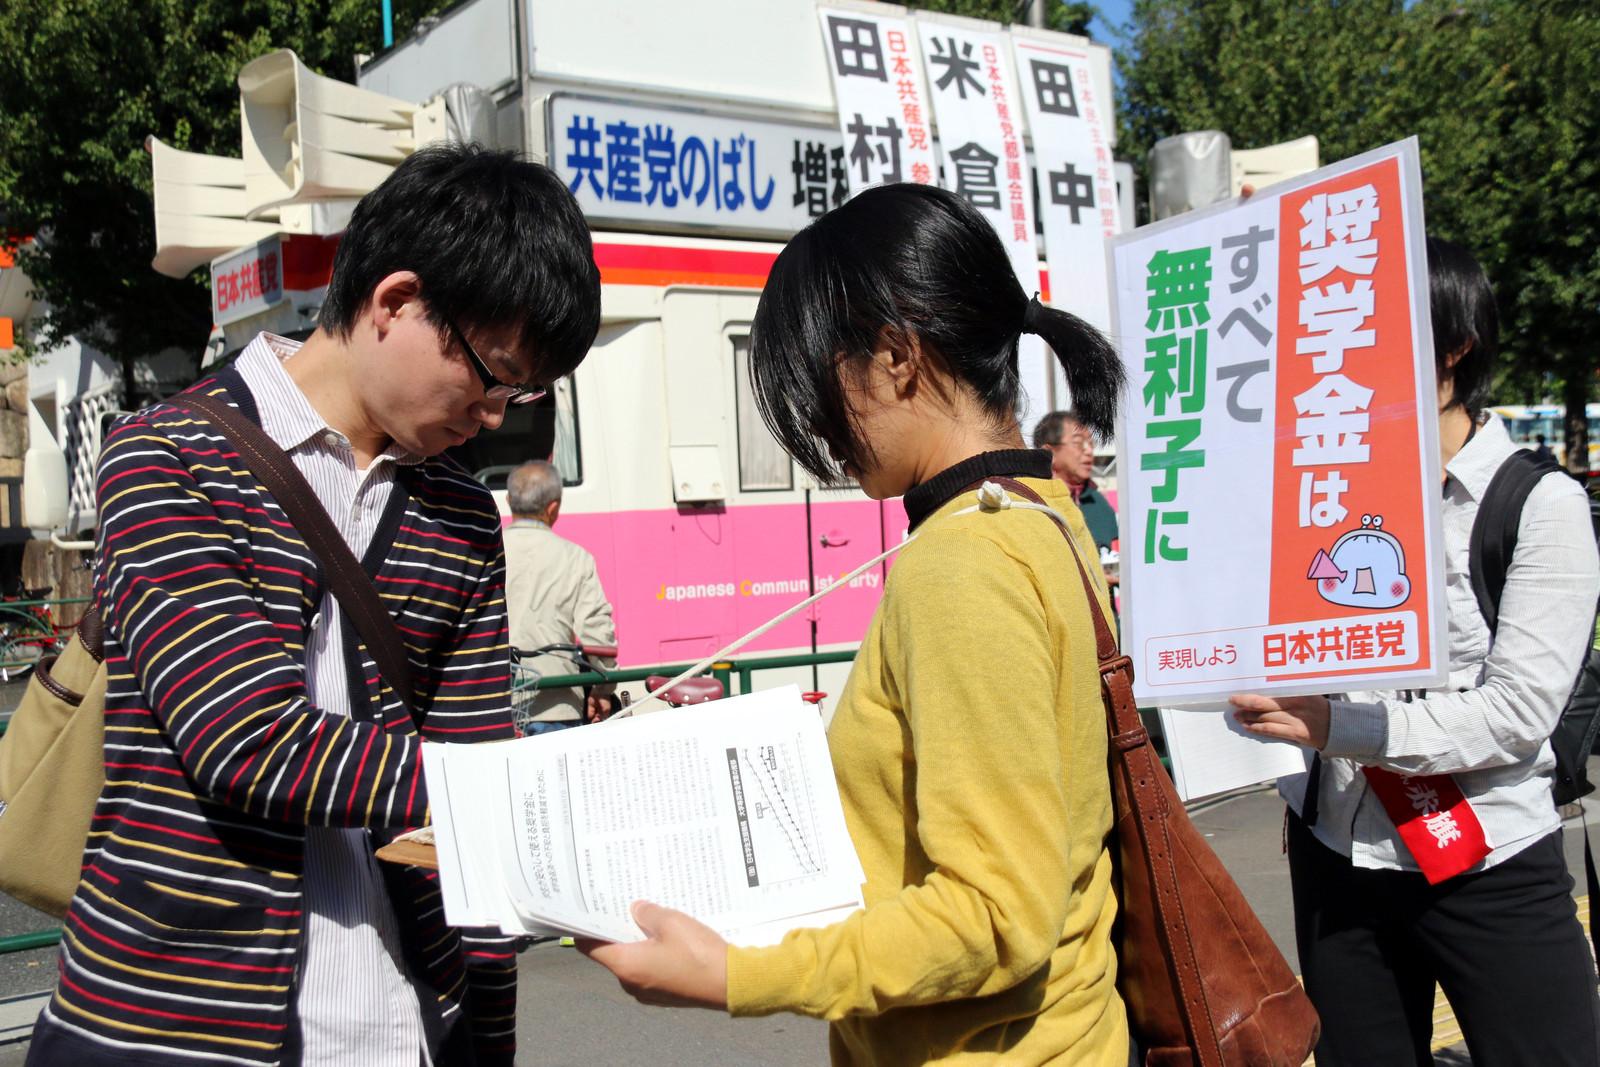 署名の呼びかけに応じる学生(左)=17日、東京都新宿区の早稲田大学前